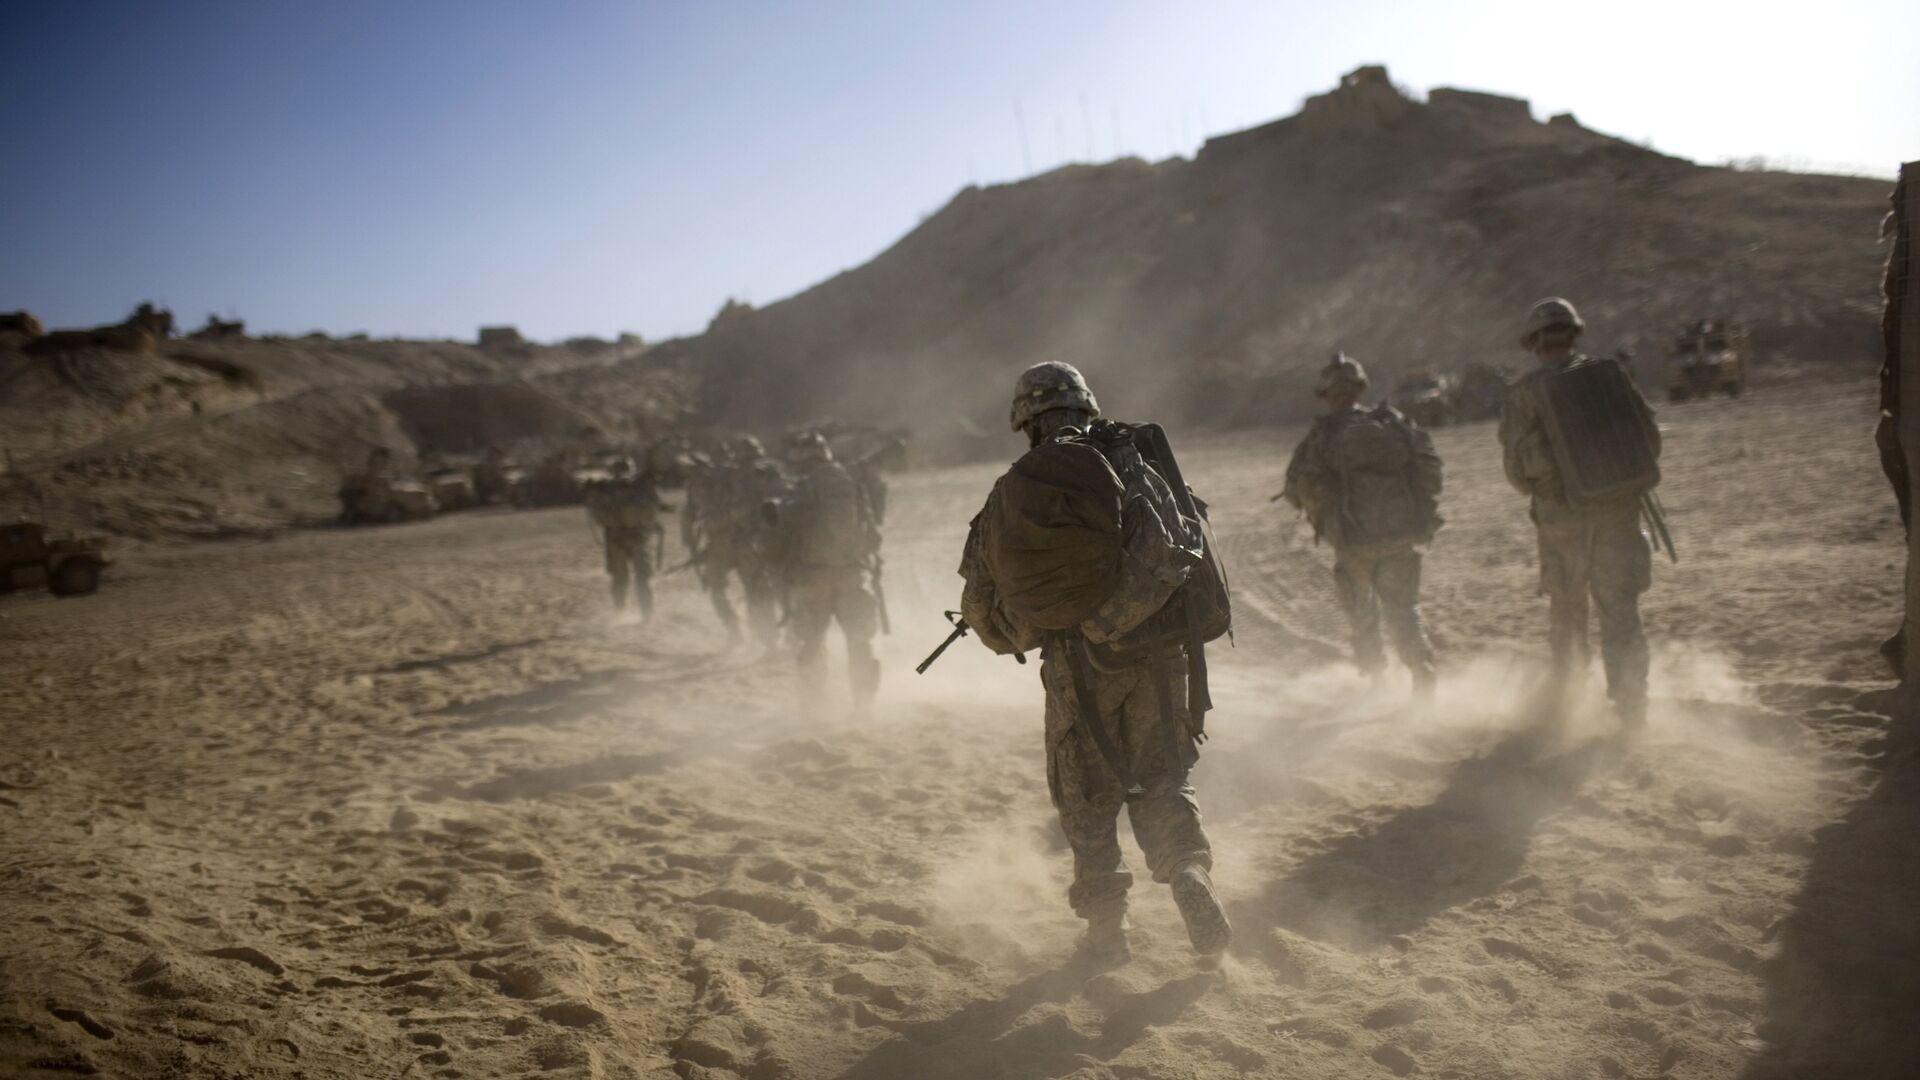 Военнослужащие США возвращаются в форпост после патрулирования в провинции Кандагар, Афганистан - РИА Новости, 1920, 19.12.2020